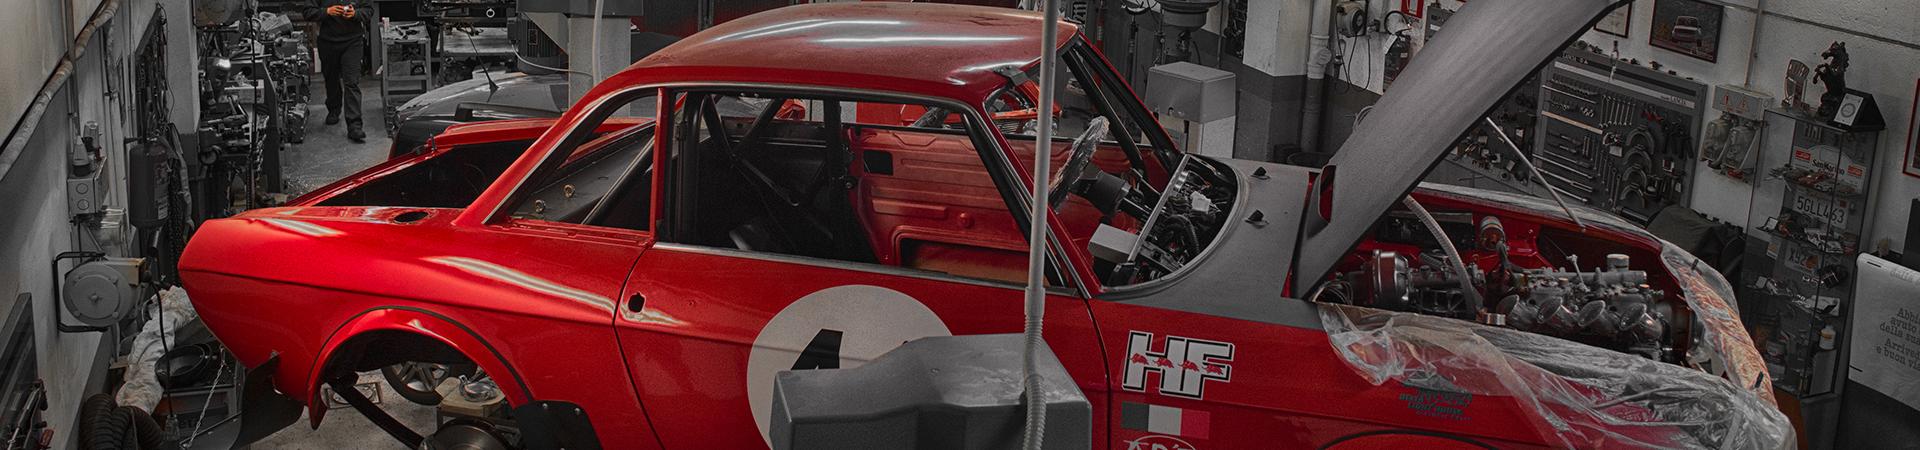 restauro auto d'epoca Lancia Fulvia per rally storici e raduni